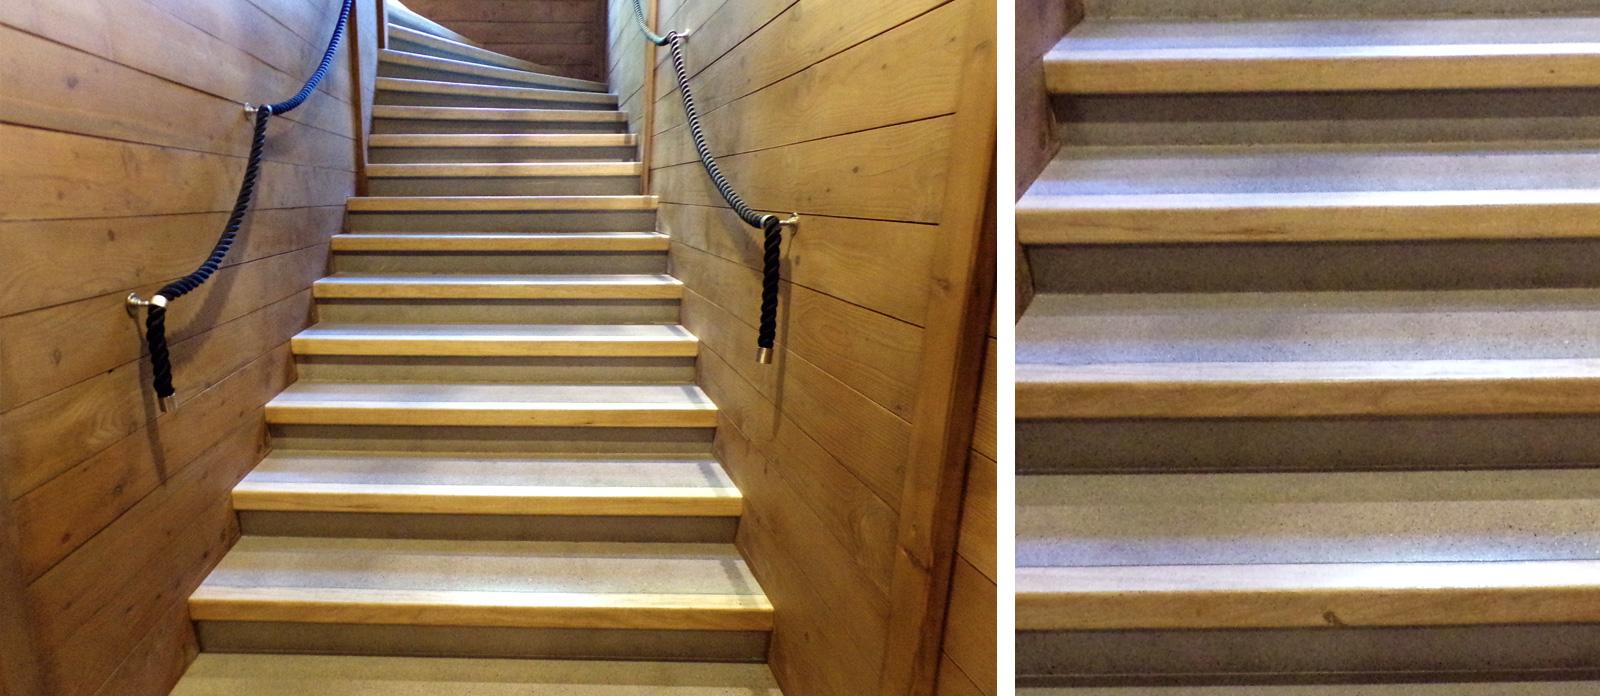 Escalier Bois Entre Deux Murs mise en conformité des erp : les escaliers